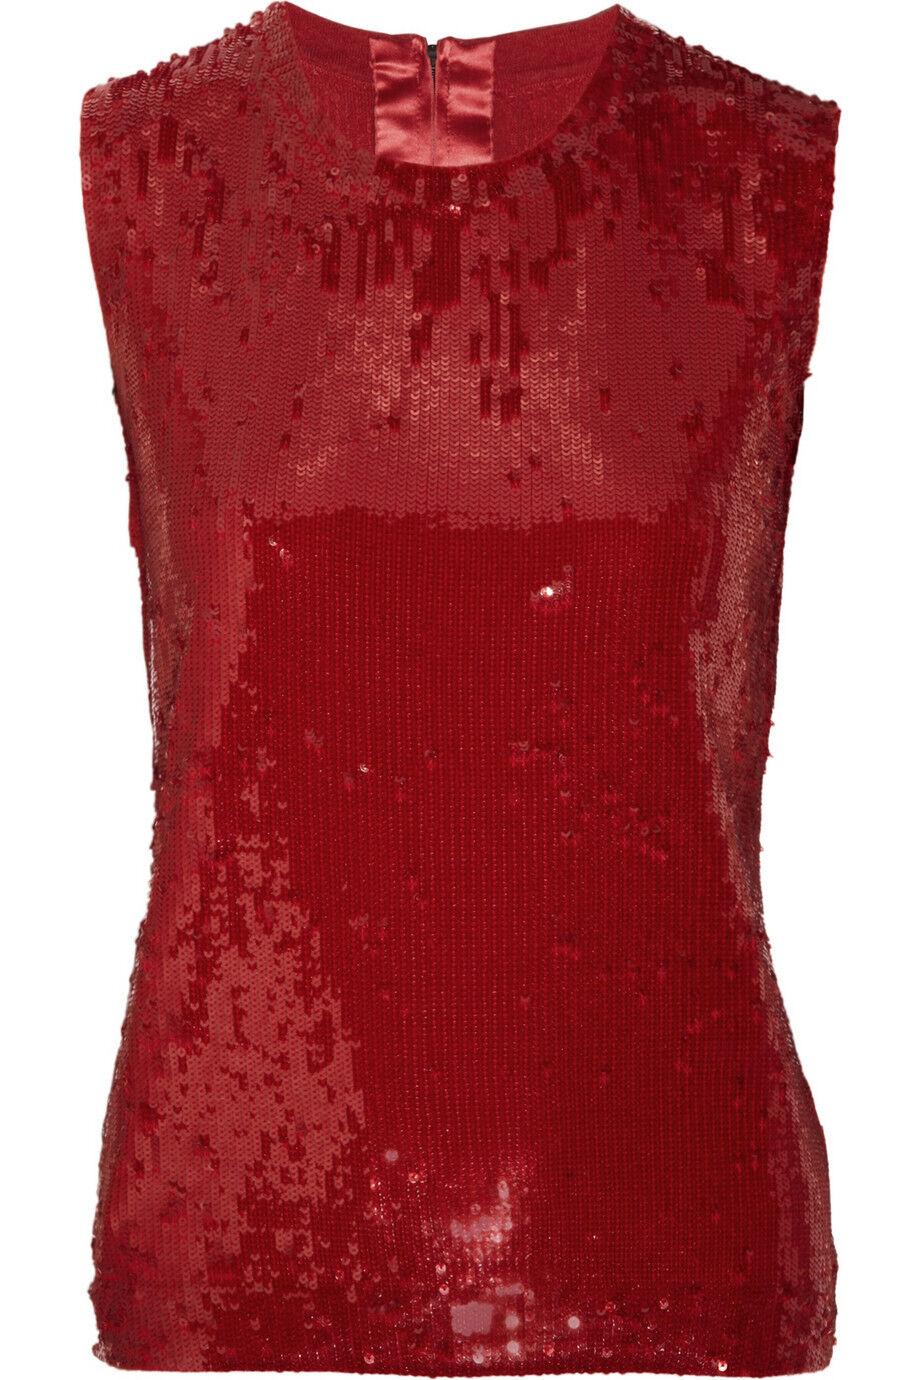 1980 Nueva mujer Karan  Nuevo York Rojo Lentejuelas Top azulsa de seda de Cachemira Navidad S  costo real